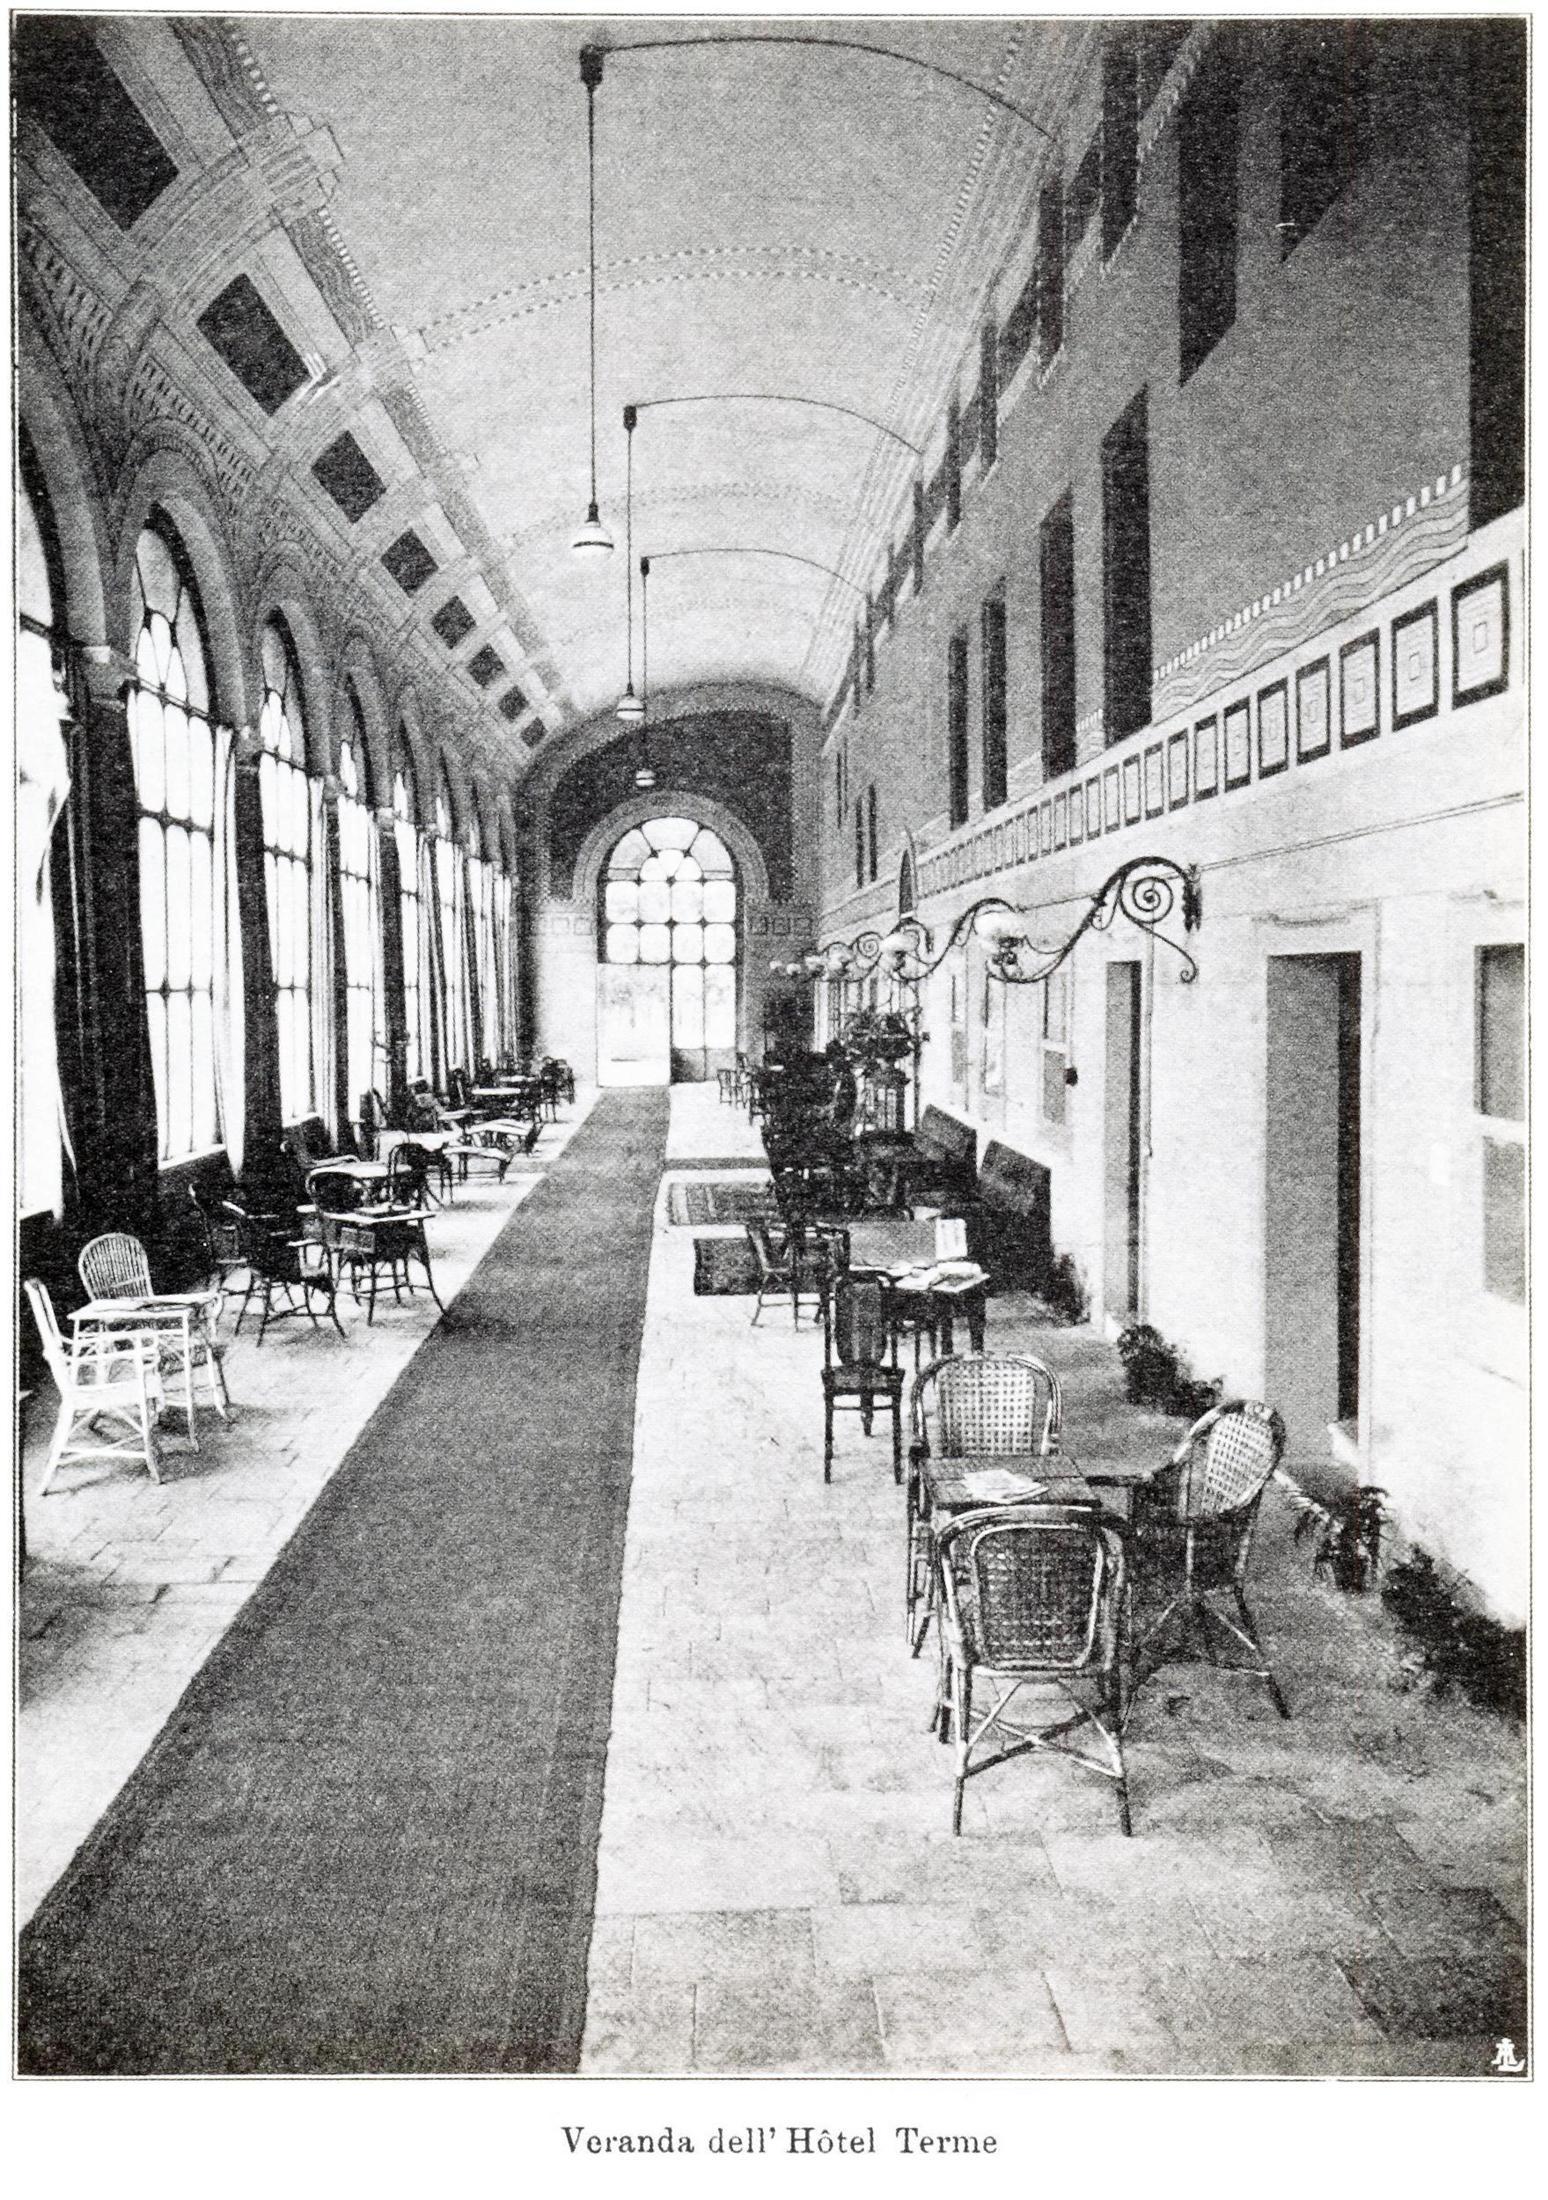 Battaglia, le veranda dell'Hotel delle Terme.